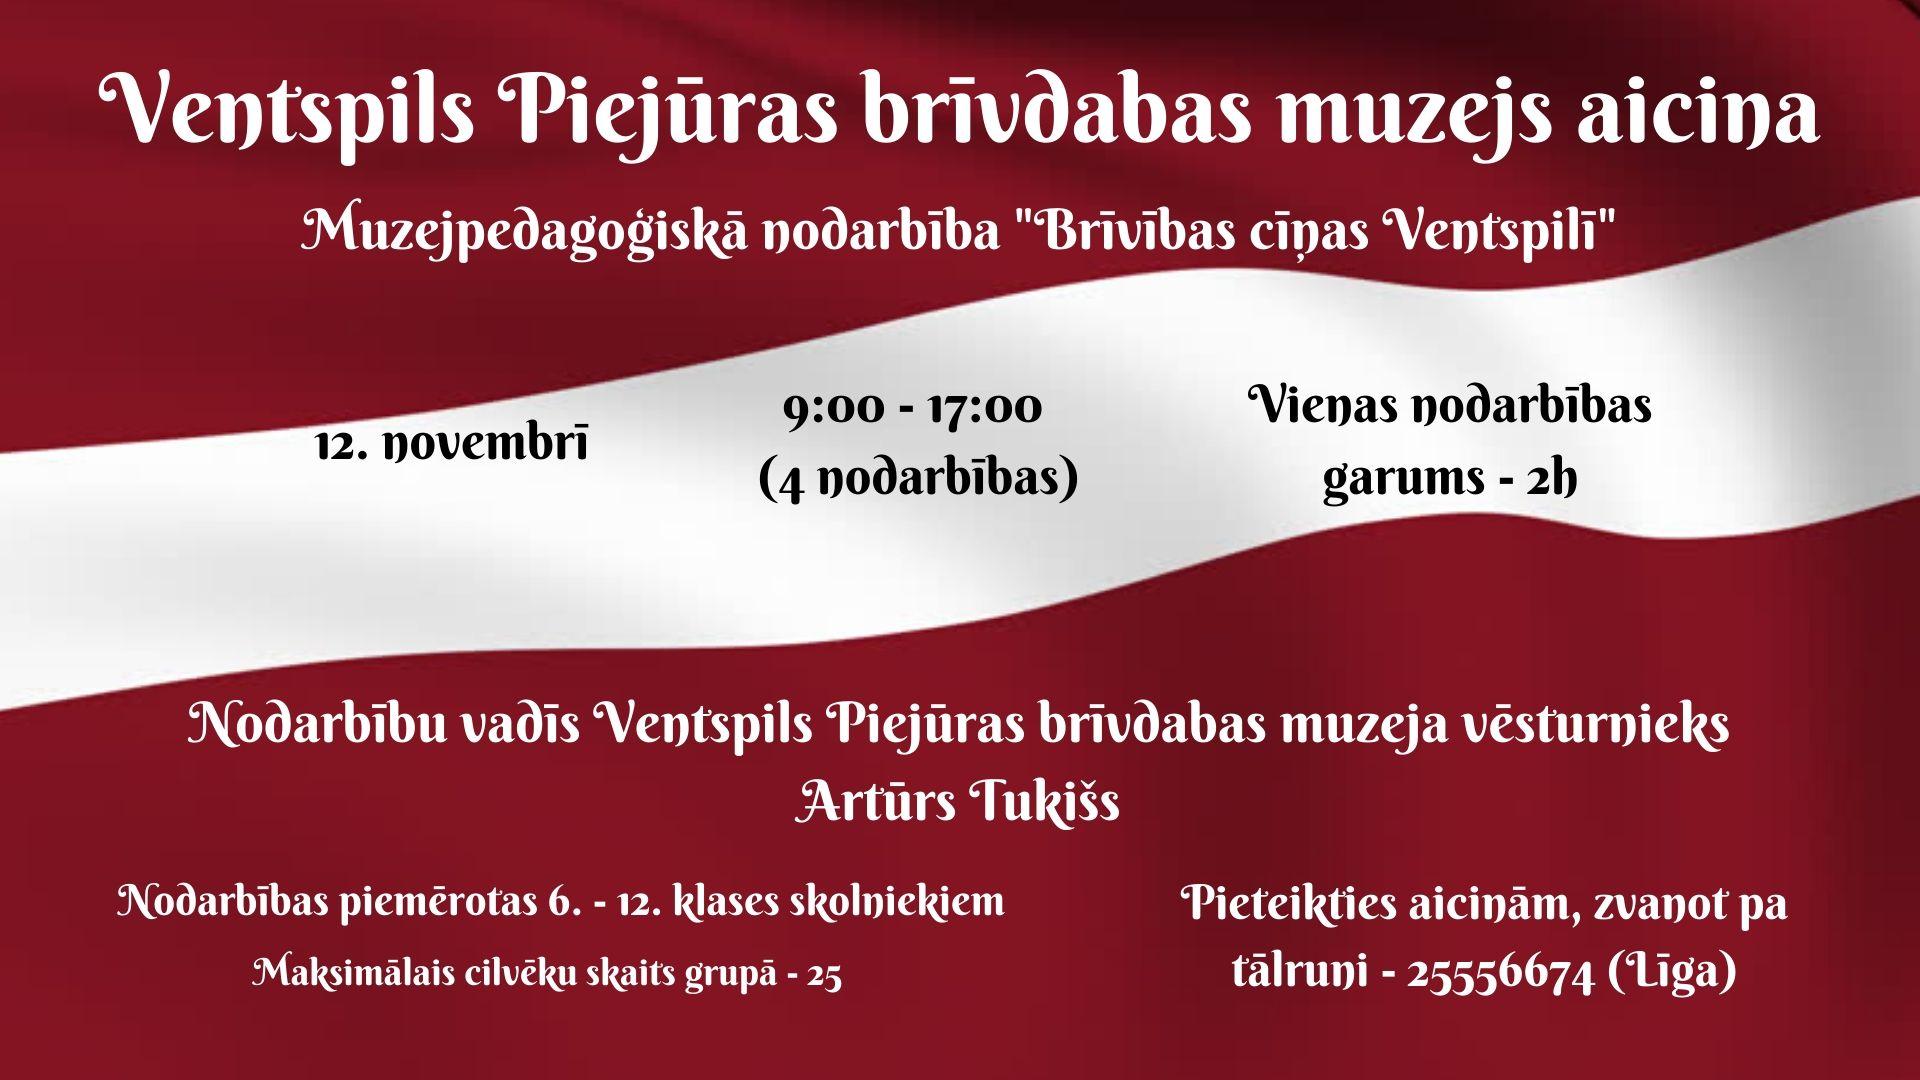 Ventspils Piejūras brīvdabas muzejs aicina